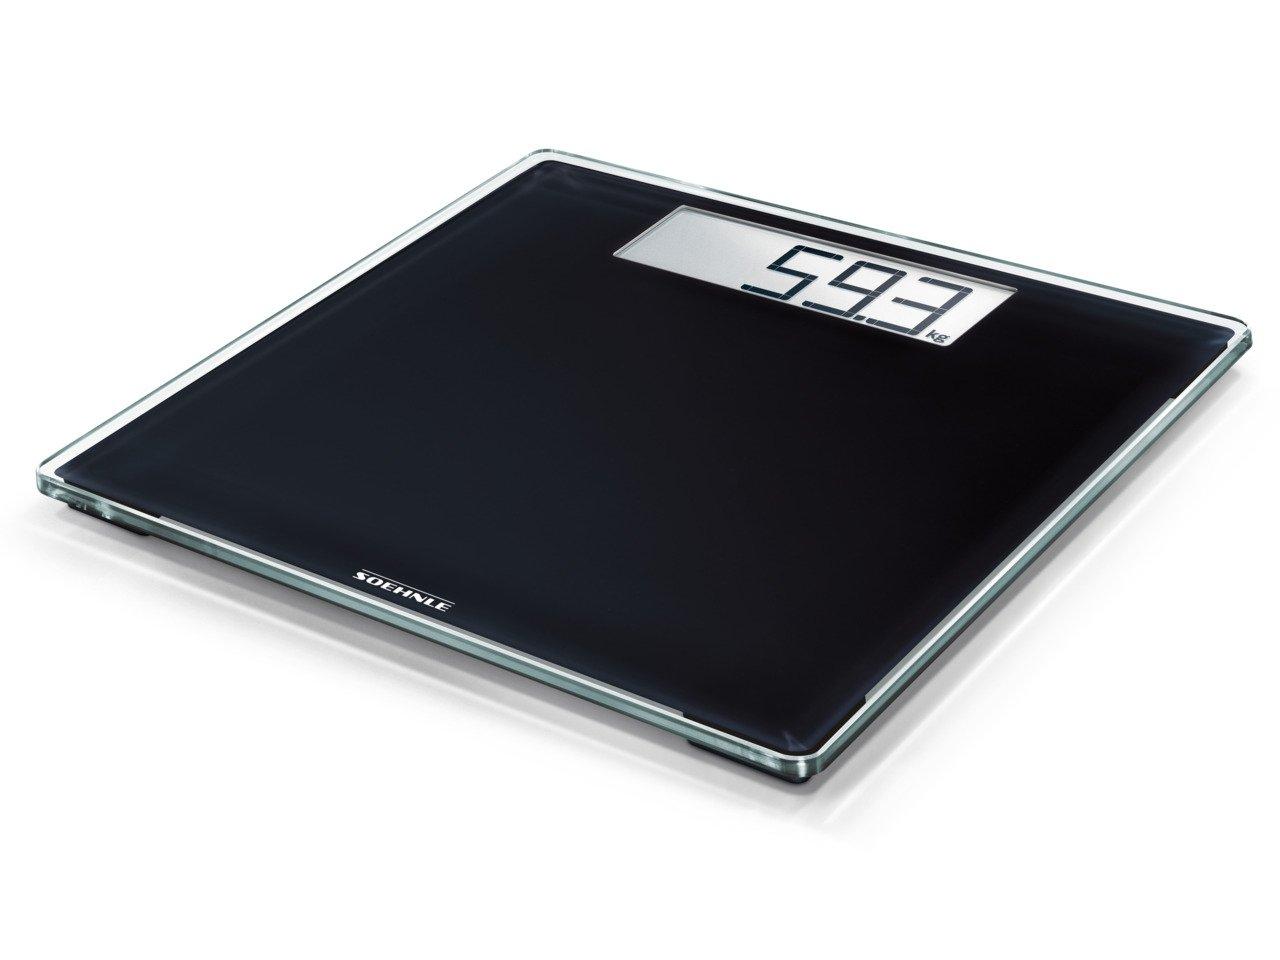 Soehnle Style Sense Comfort 400 - Bascula de bano digital, color negro: Amazon.es: Salud y cuidado personal